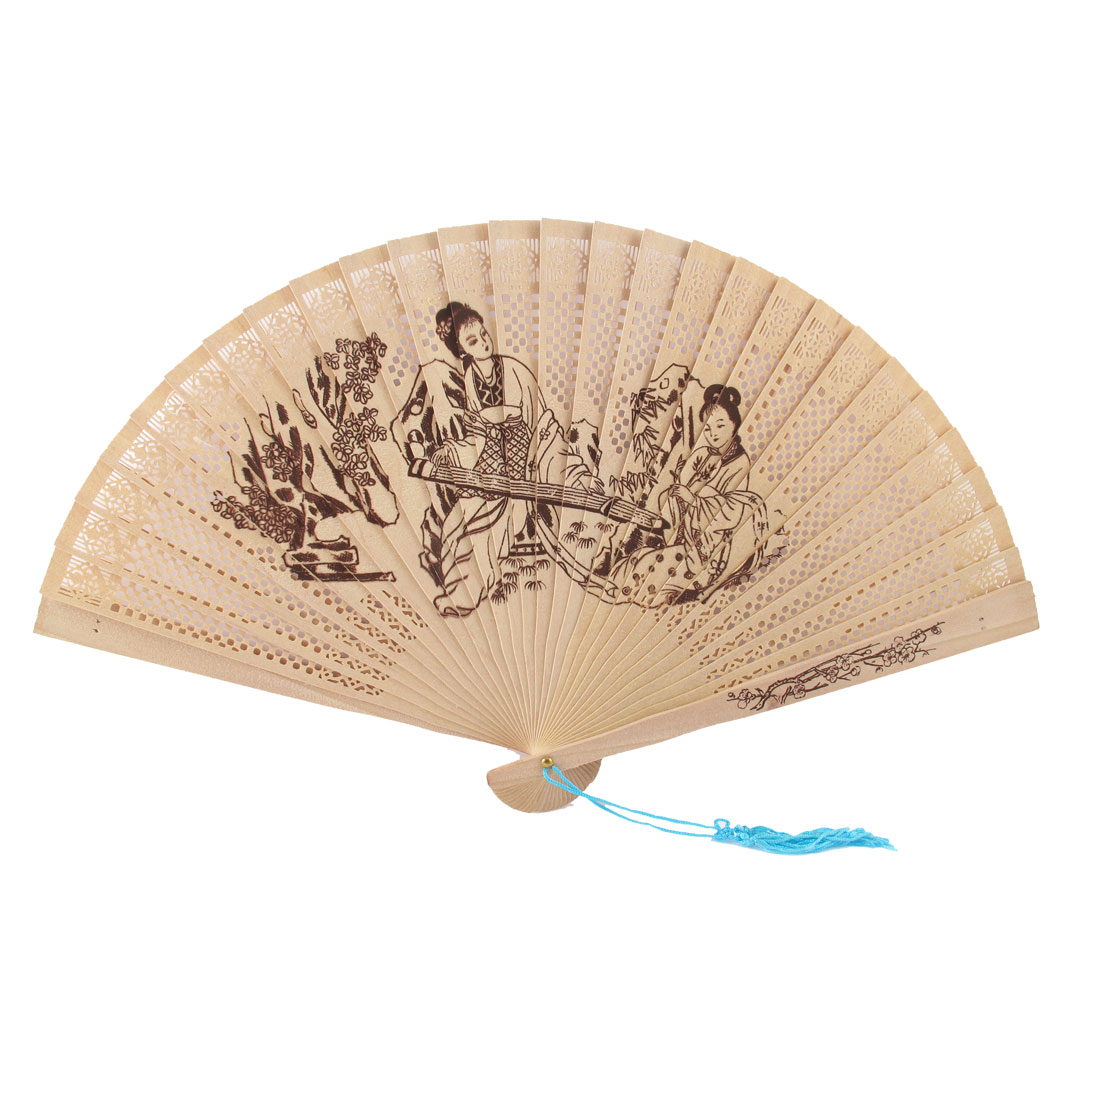 Blue Tassels Detail Beauty Pattern Scented Wooden Folding Hand Fan Beige